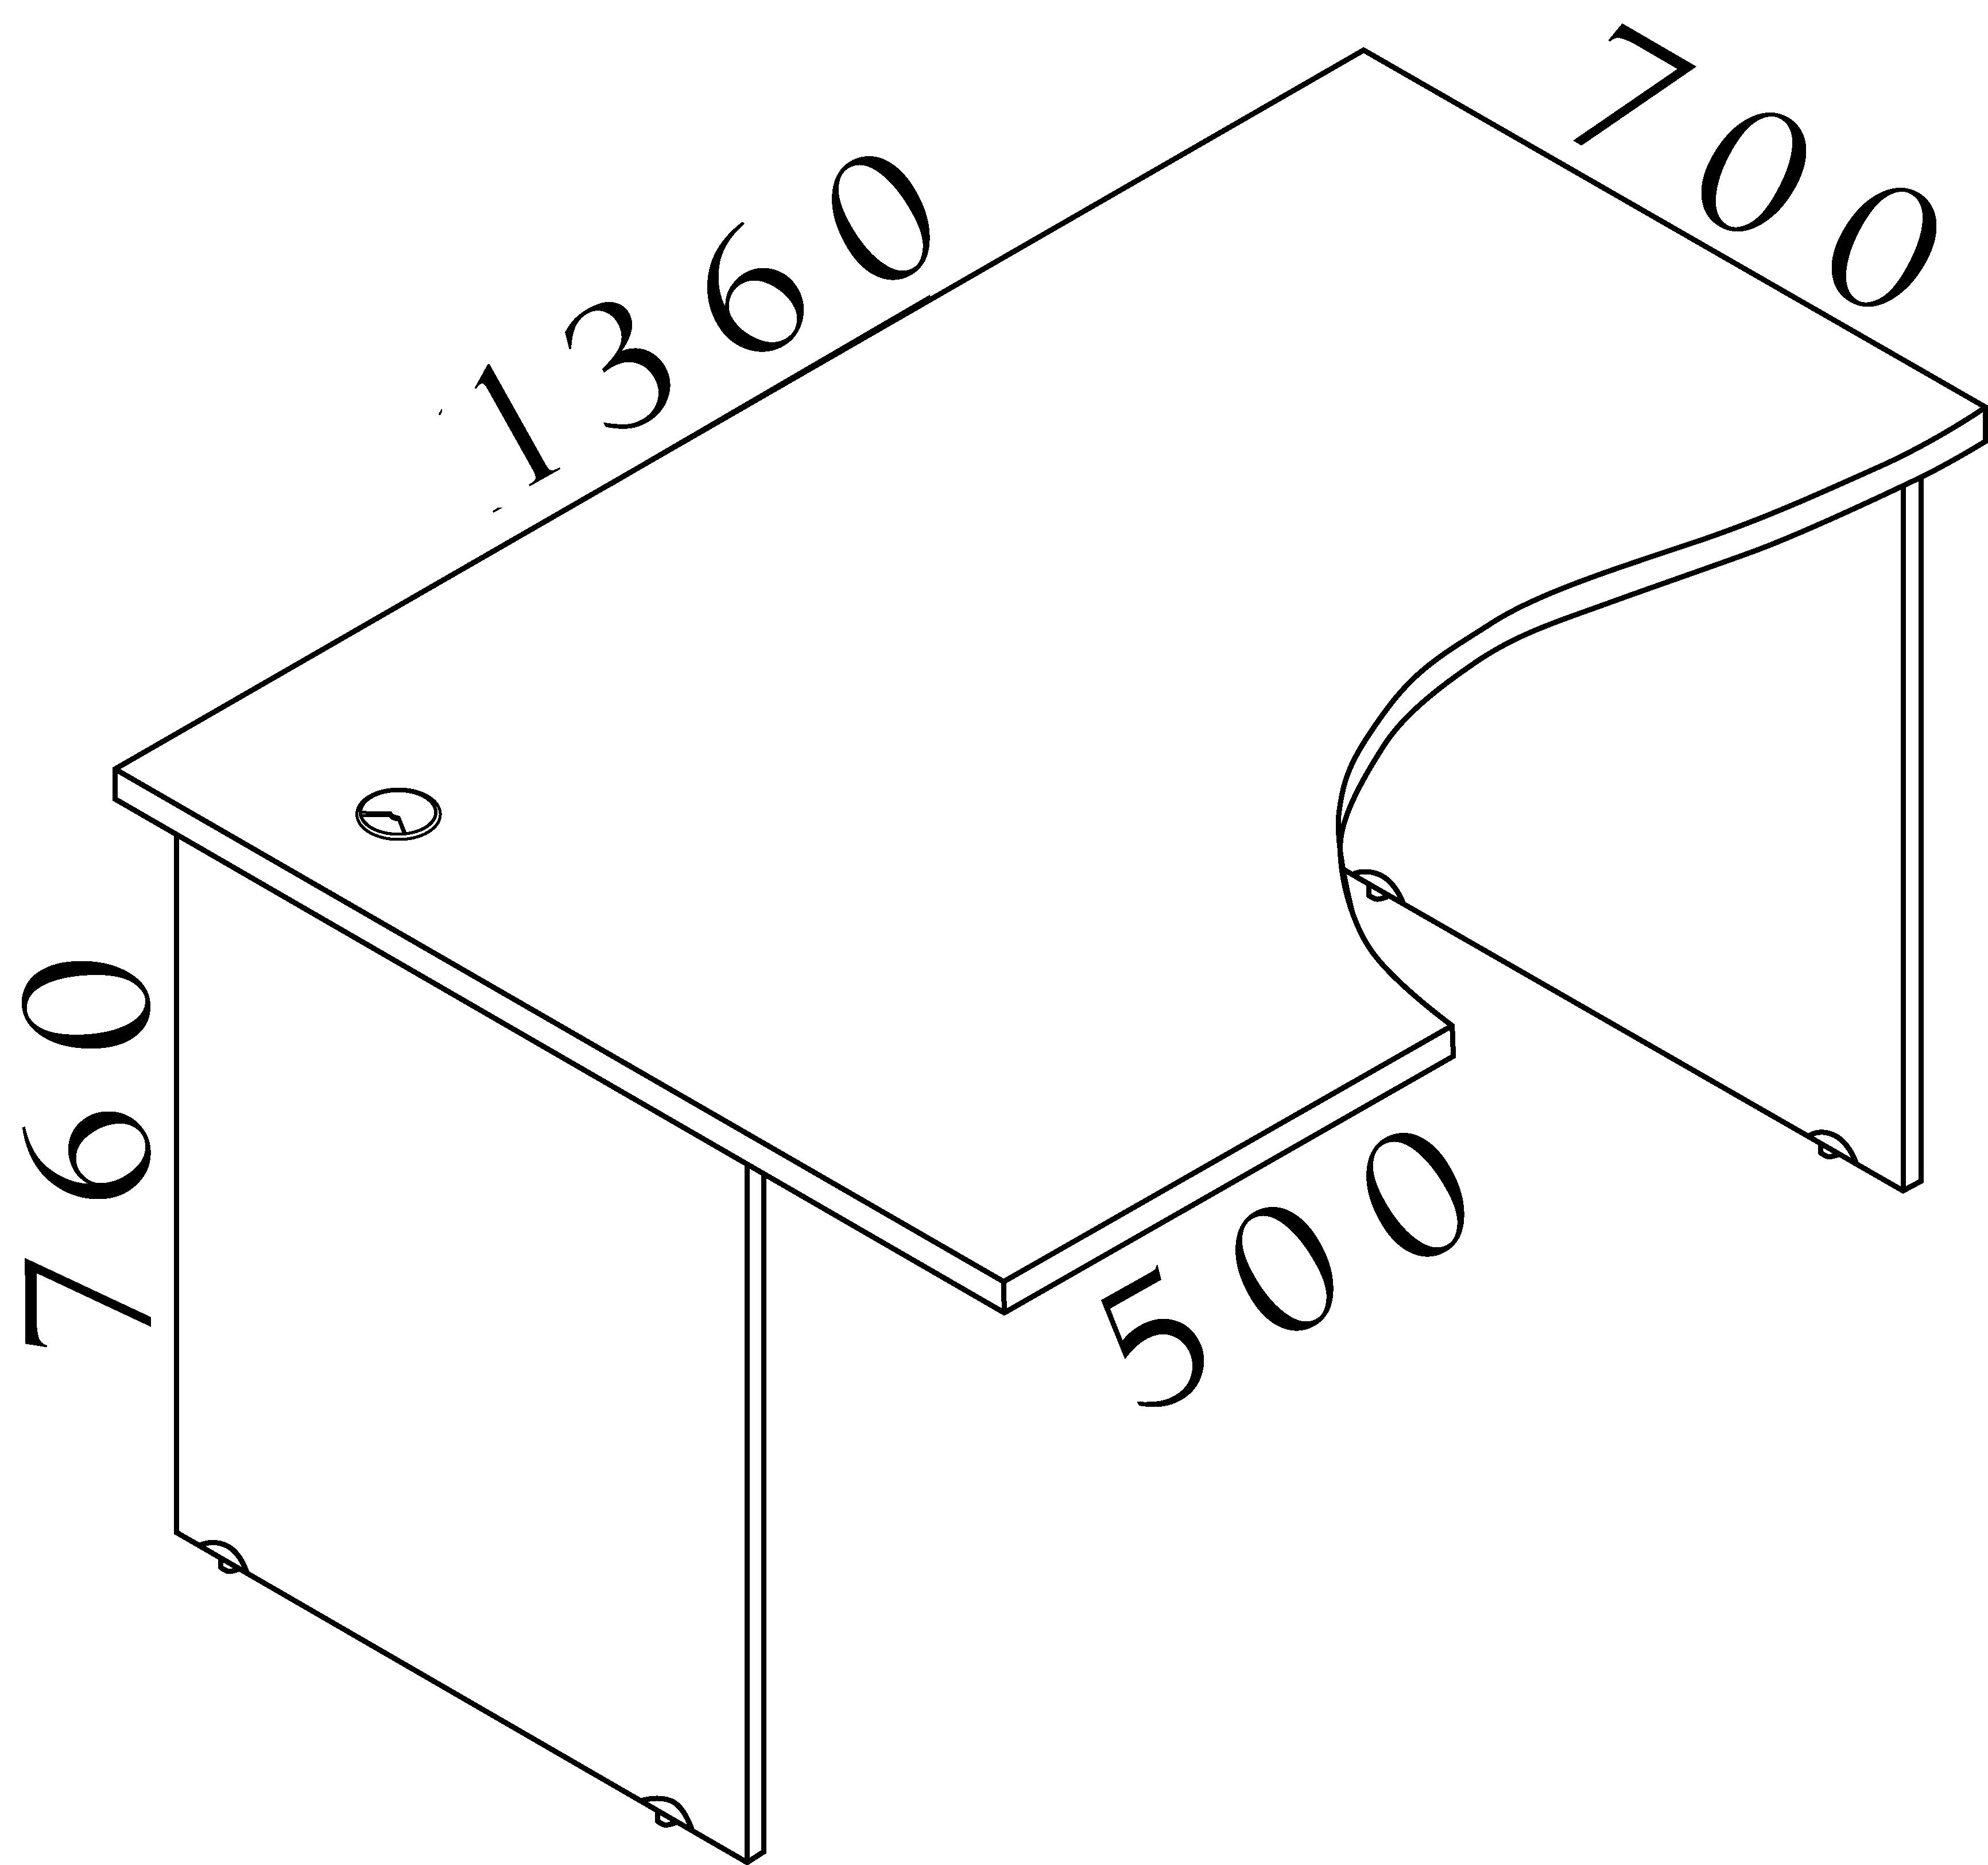 BKA19 12